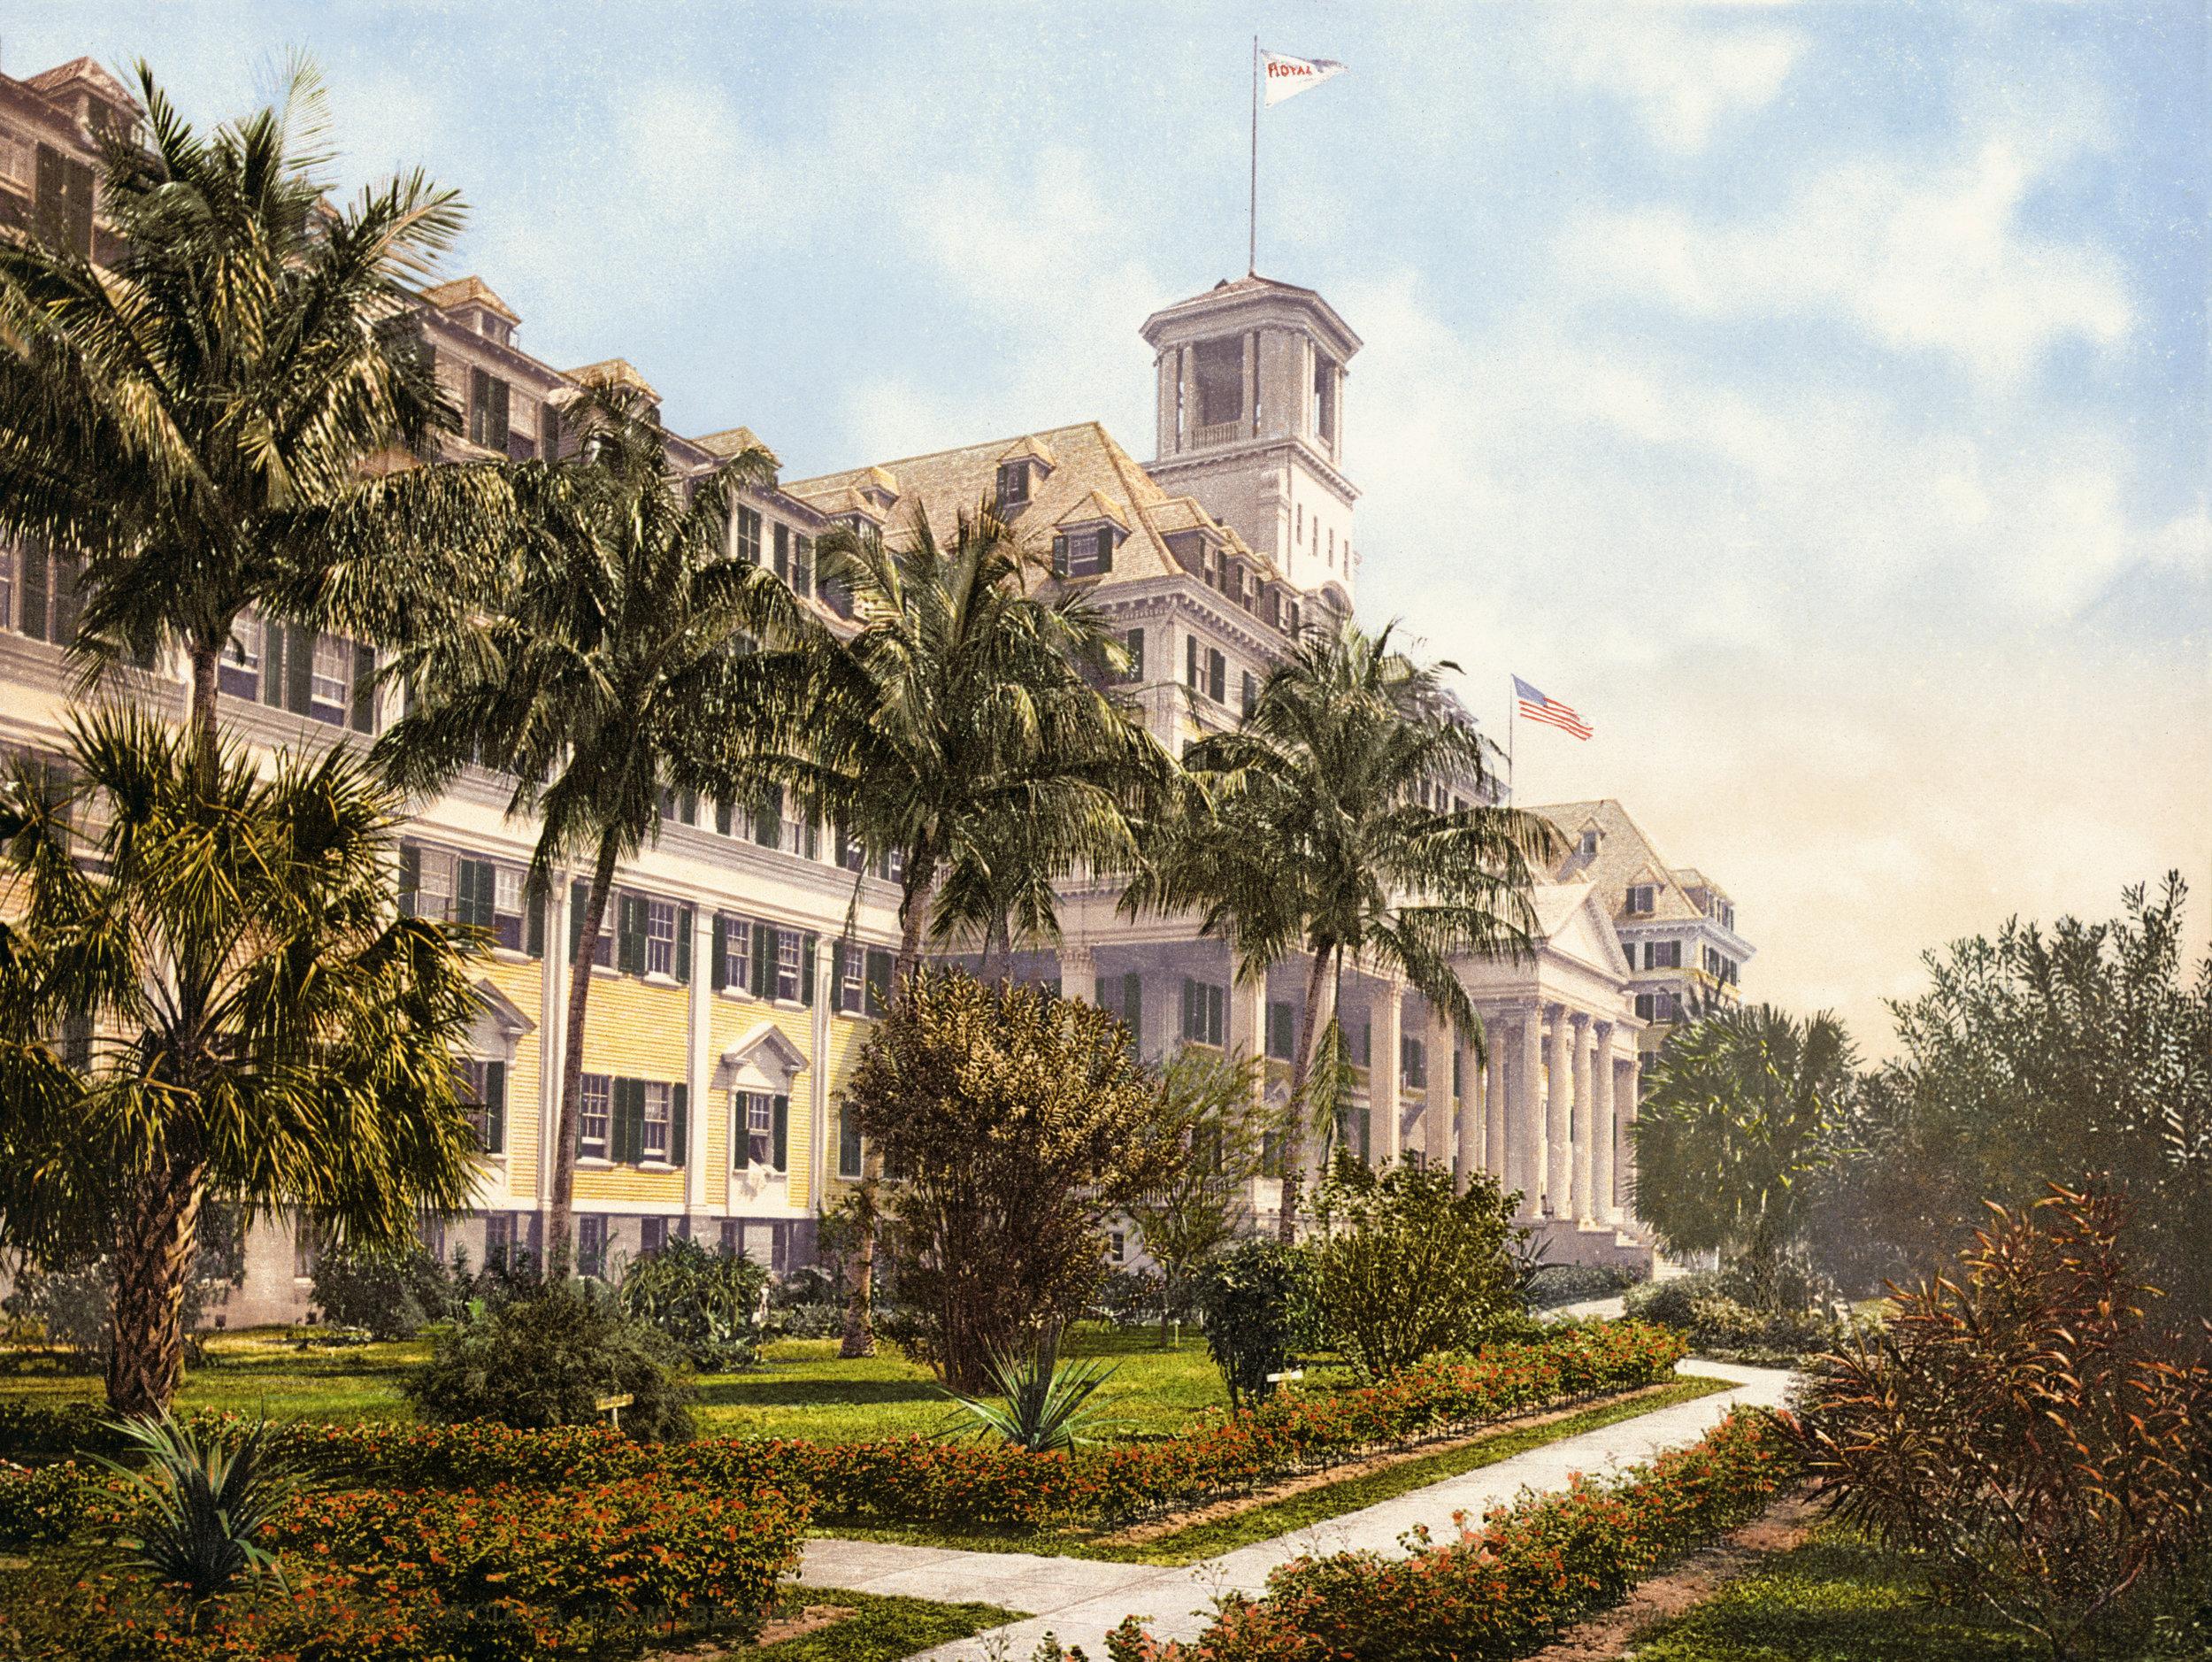 The_Royal_Poinciana,_Palm_Beach,_Florida,_1900.jpg